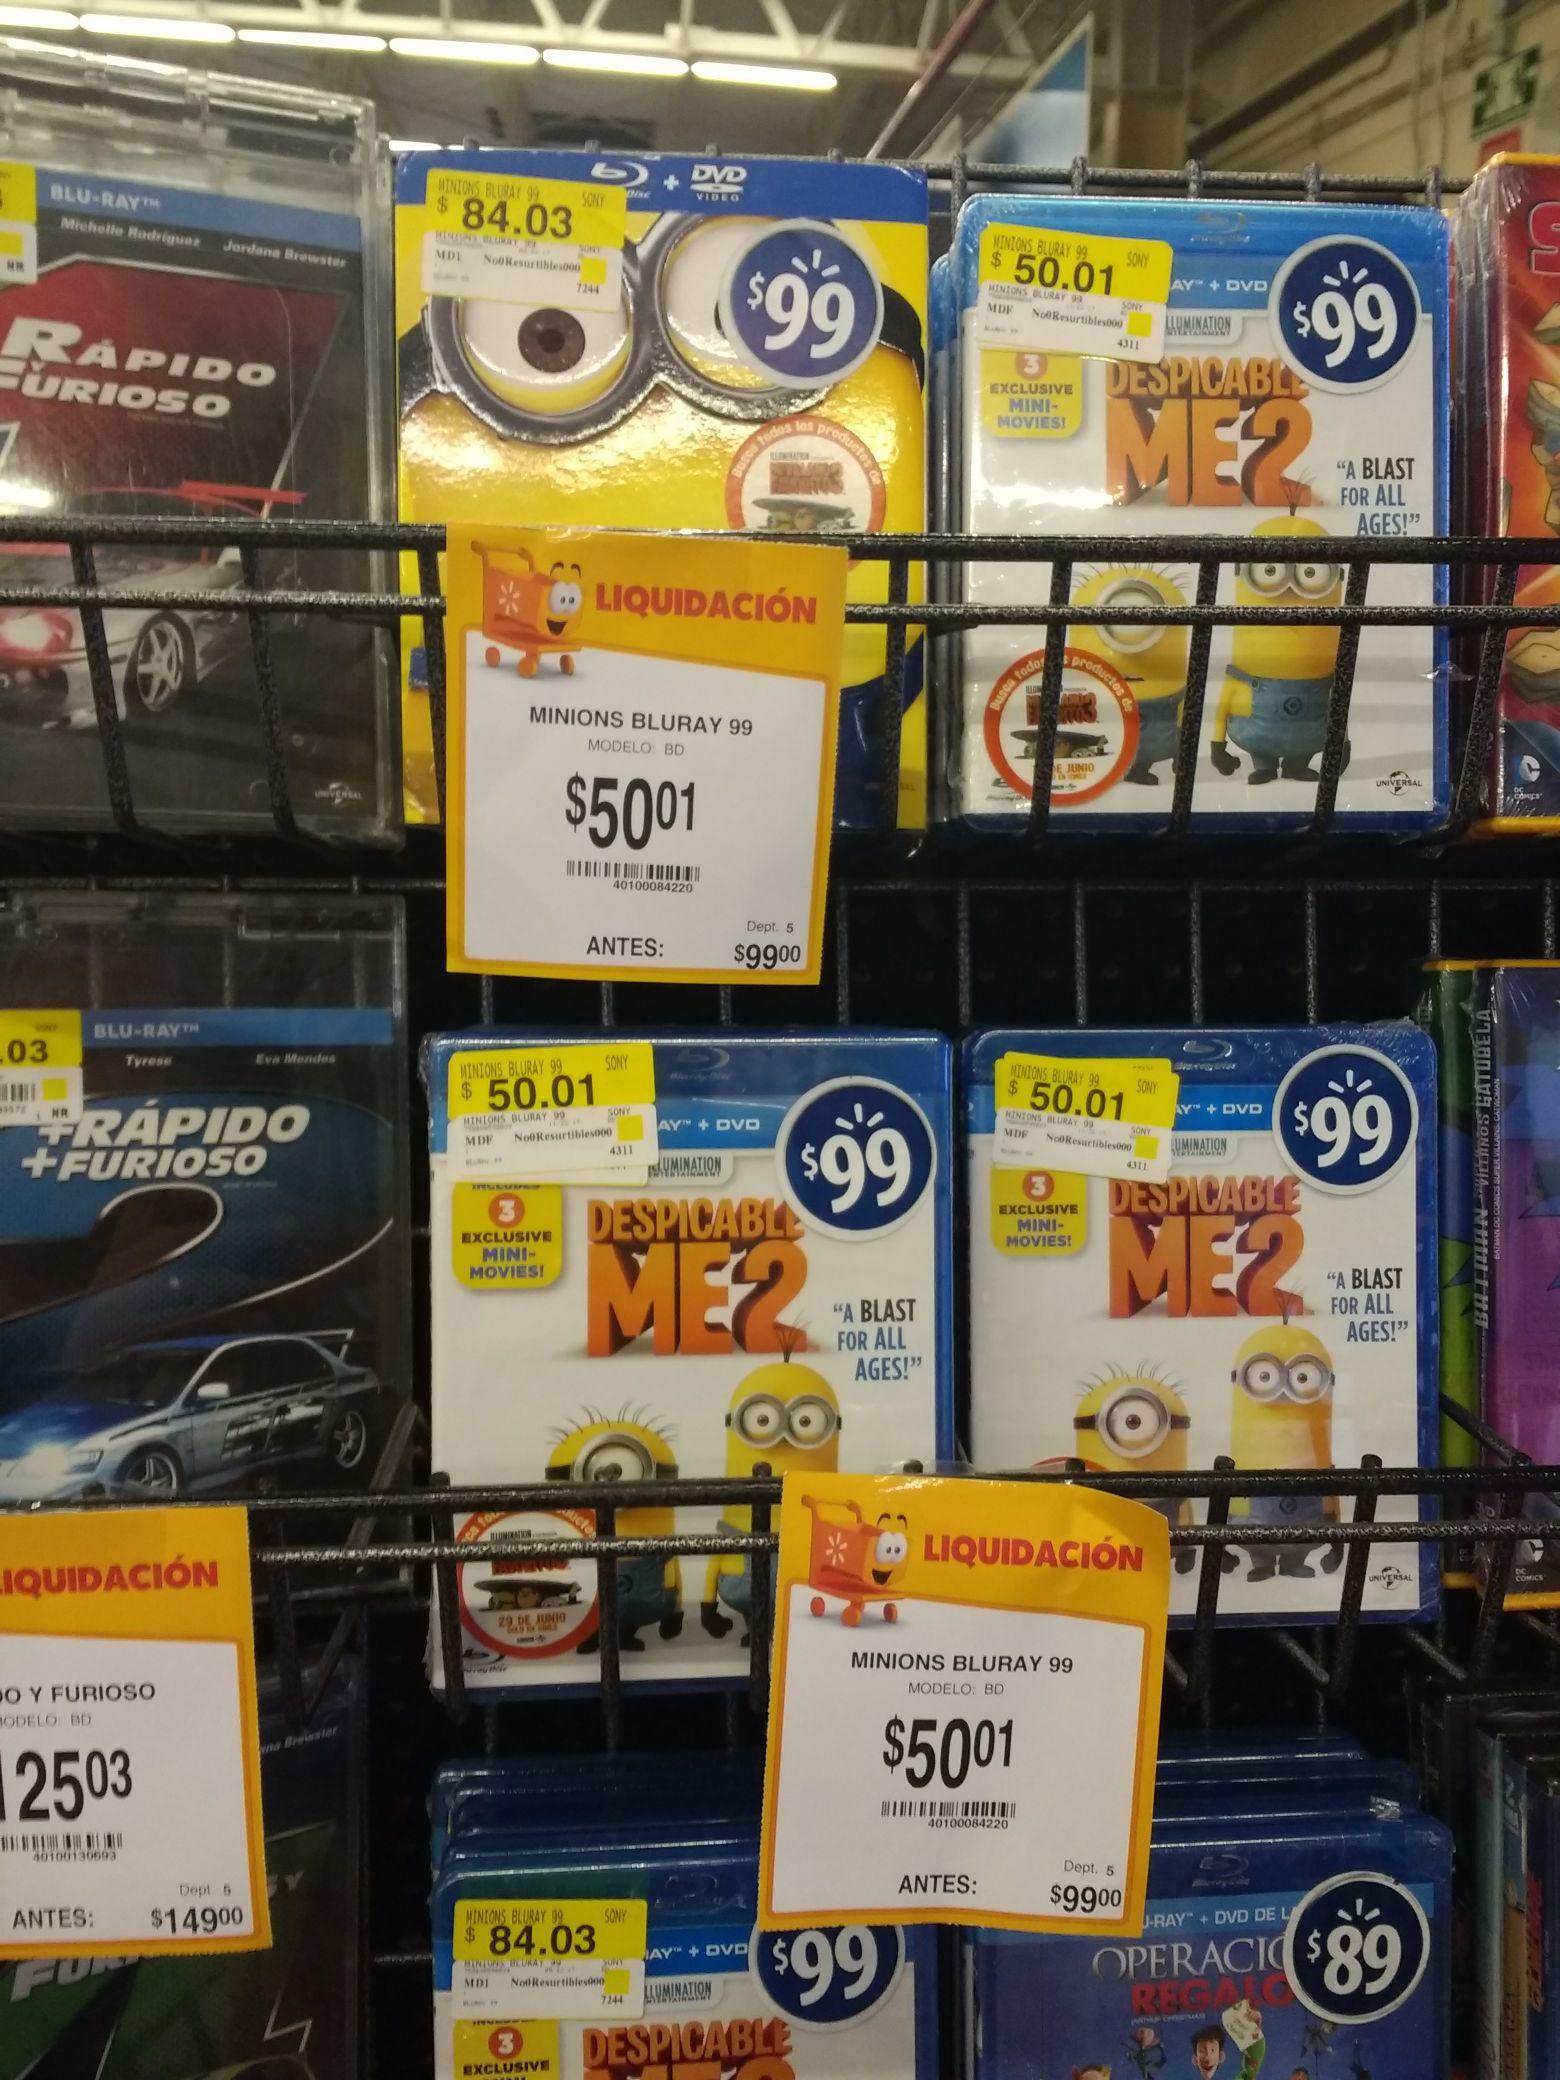 Walmart: Minions y mi villano favorito Blu-ray + DVD a $50.01